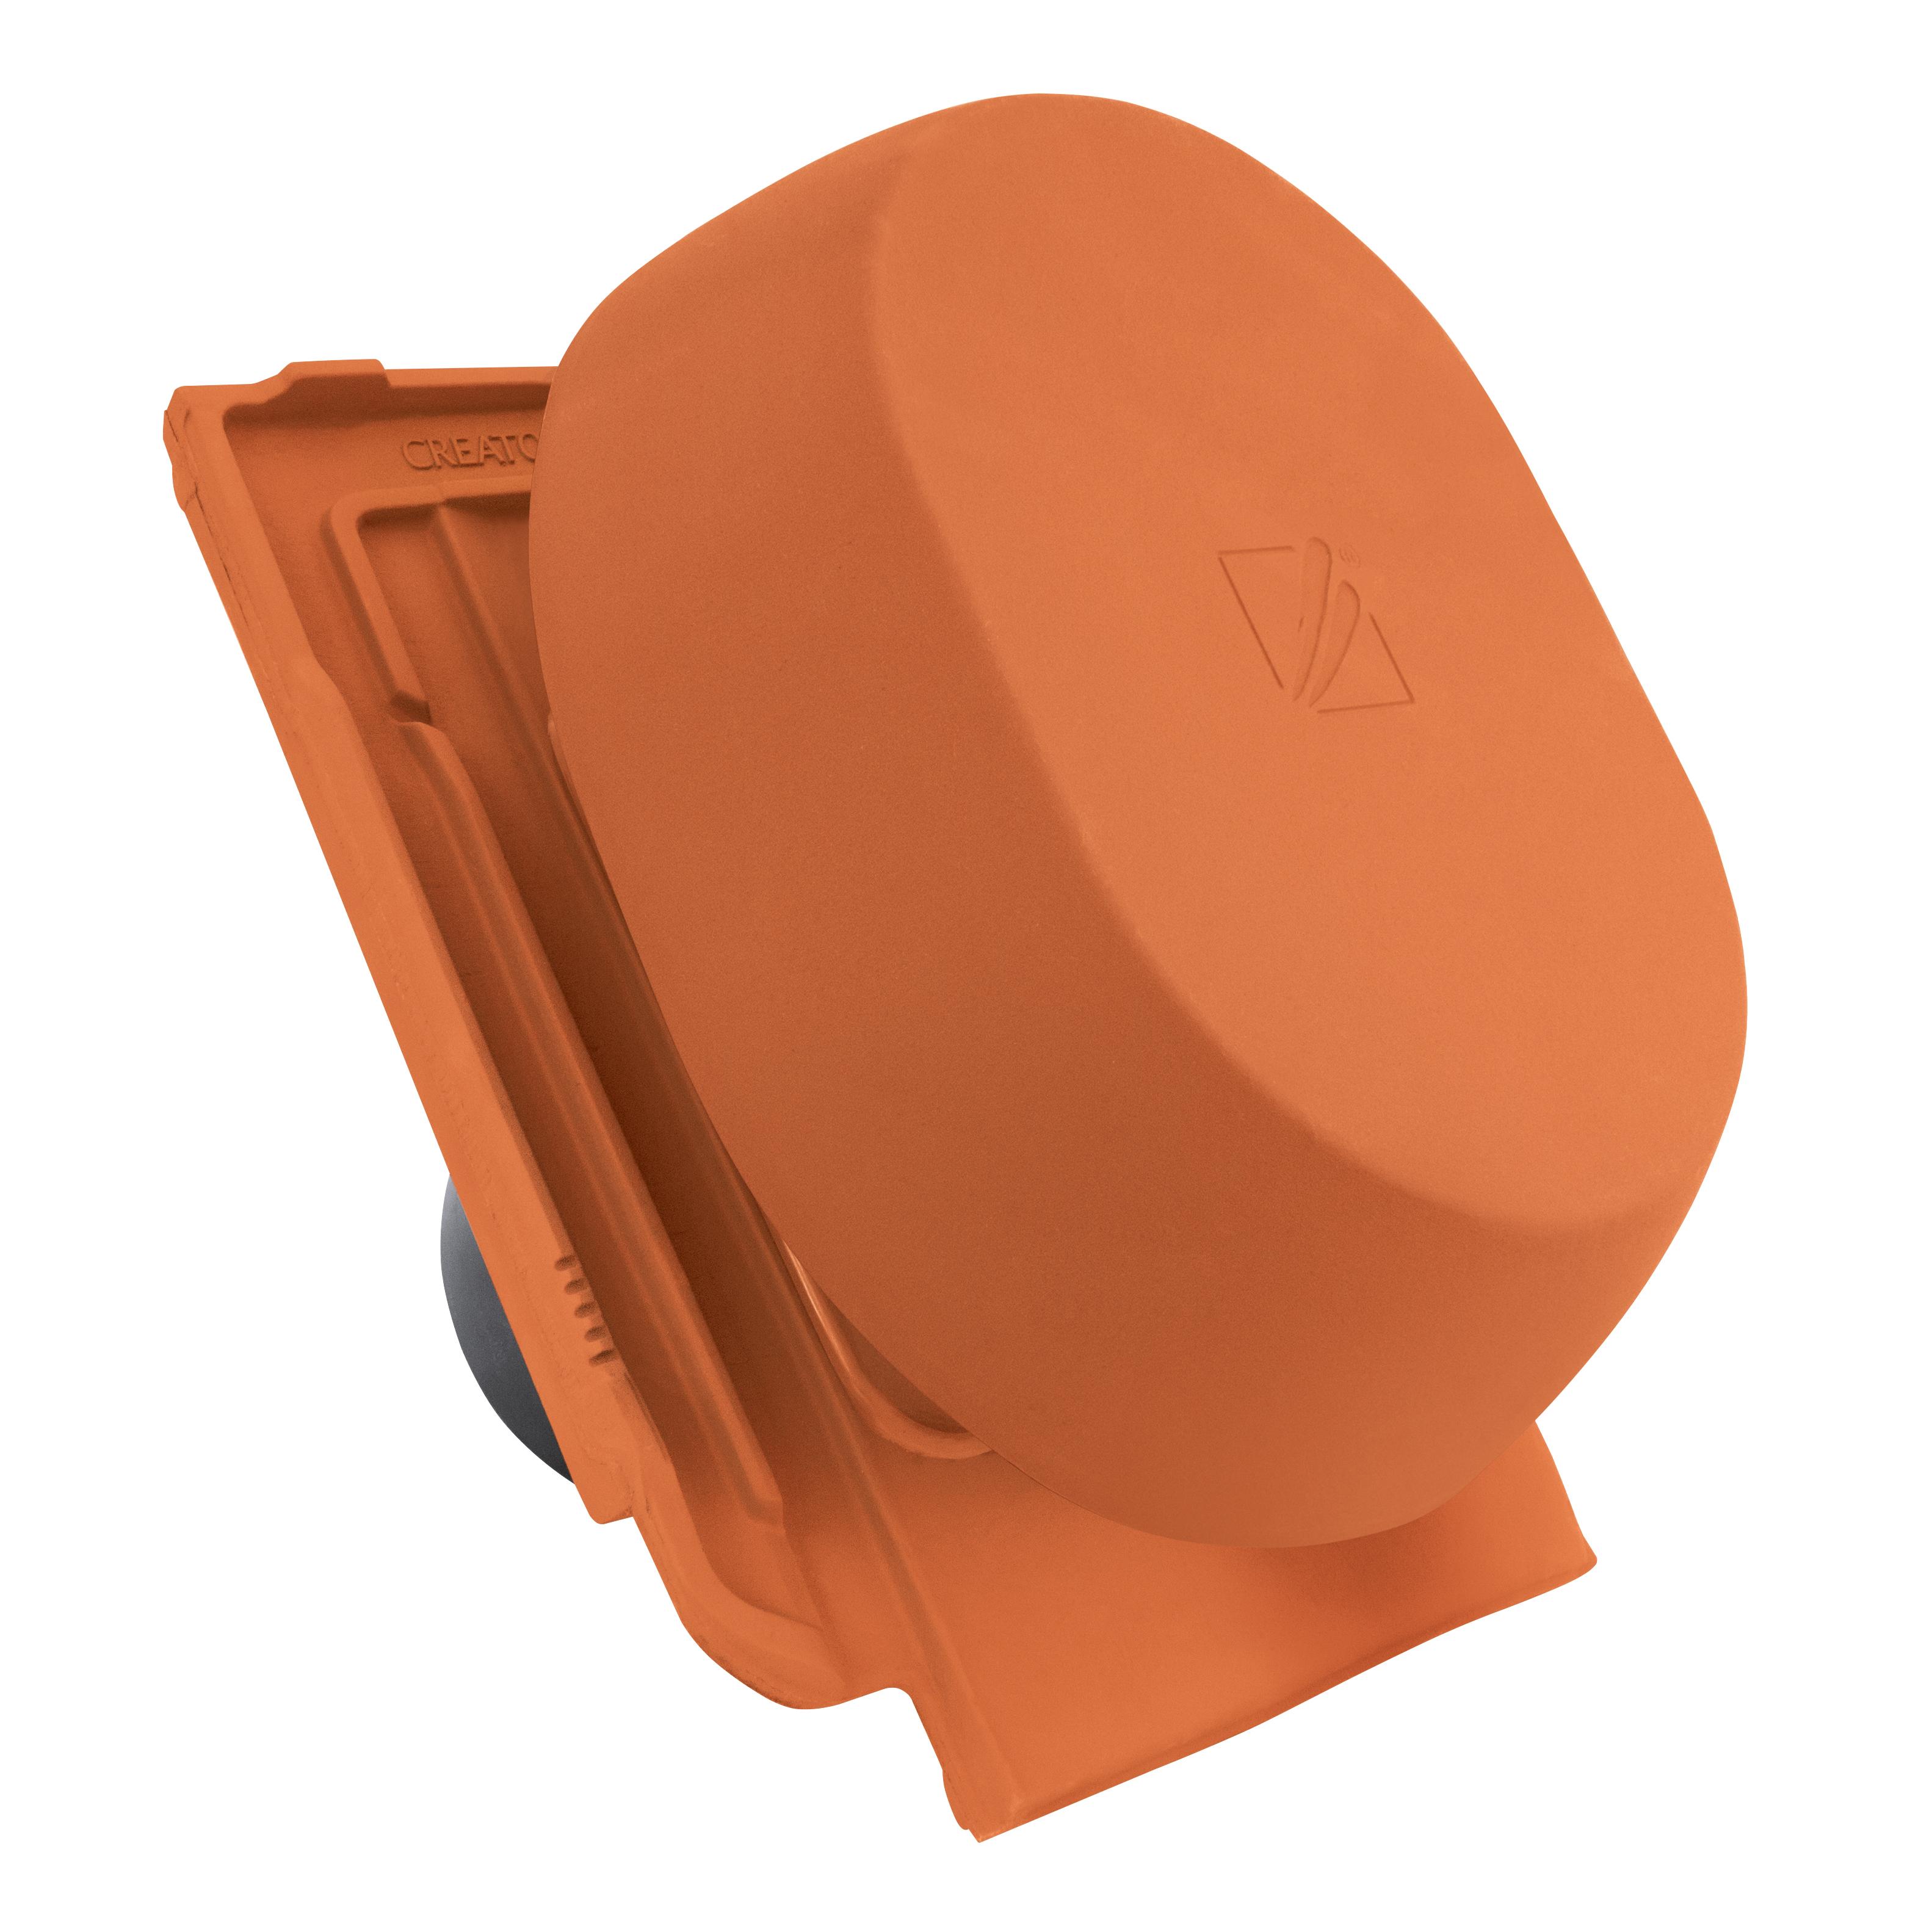 SIGNUM Ceramiczny kominek wentylacyjny SIGNUM Ø 150 mm